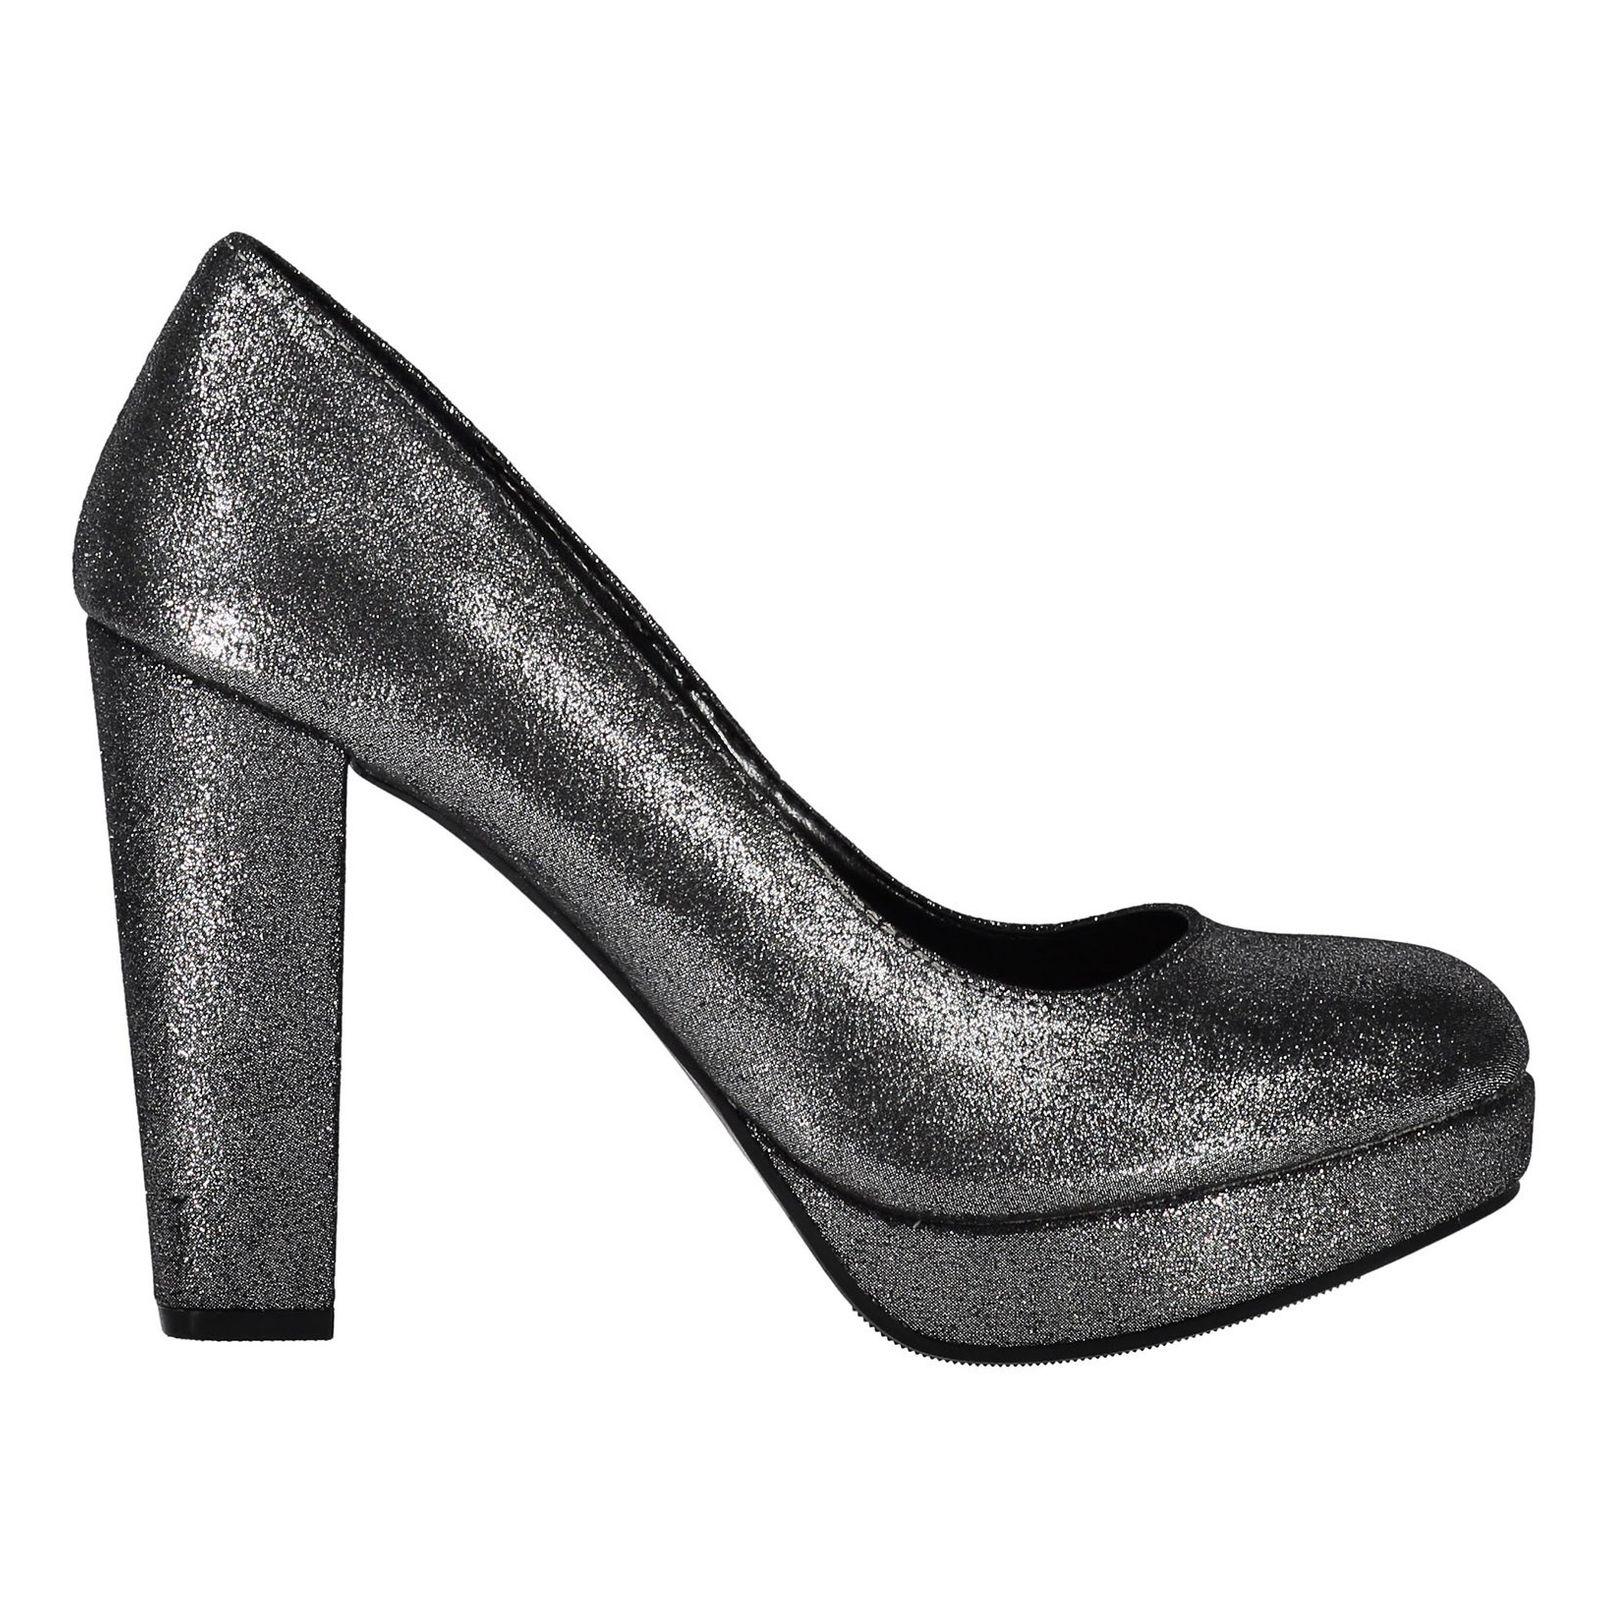 کفش پاشنه بلند زنانه - هد اور هیلز بای دون لندن main 1 12